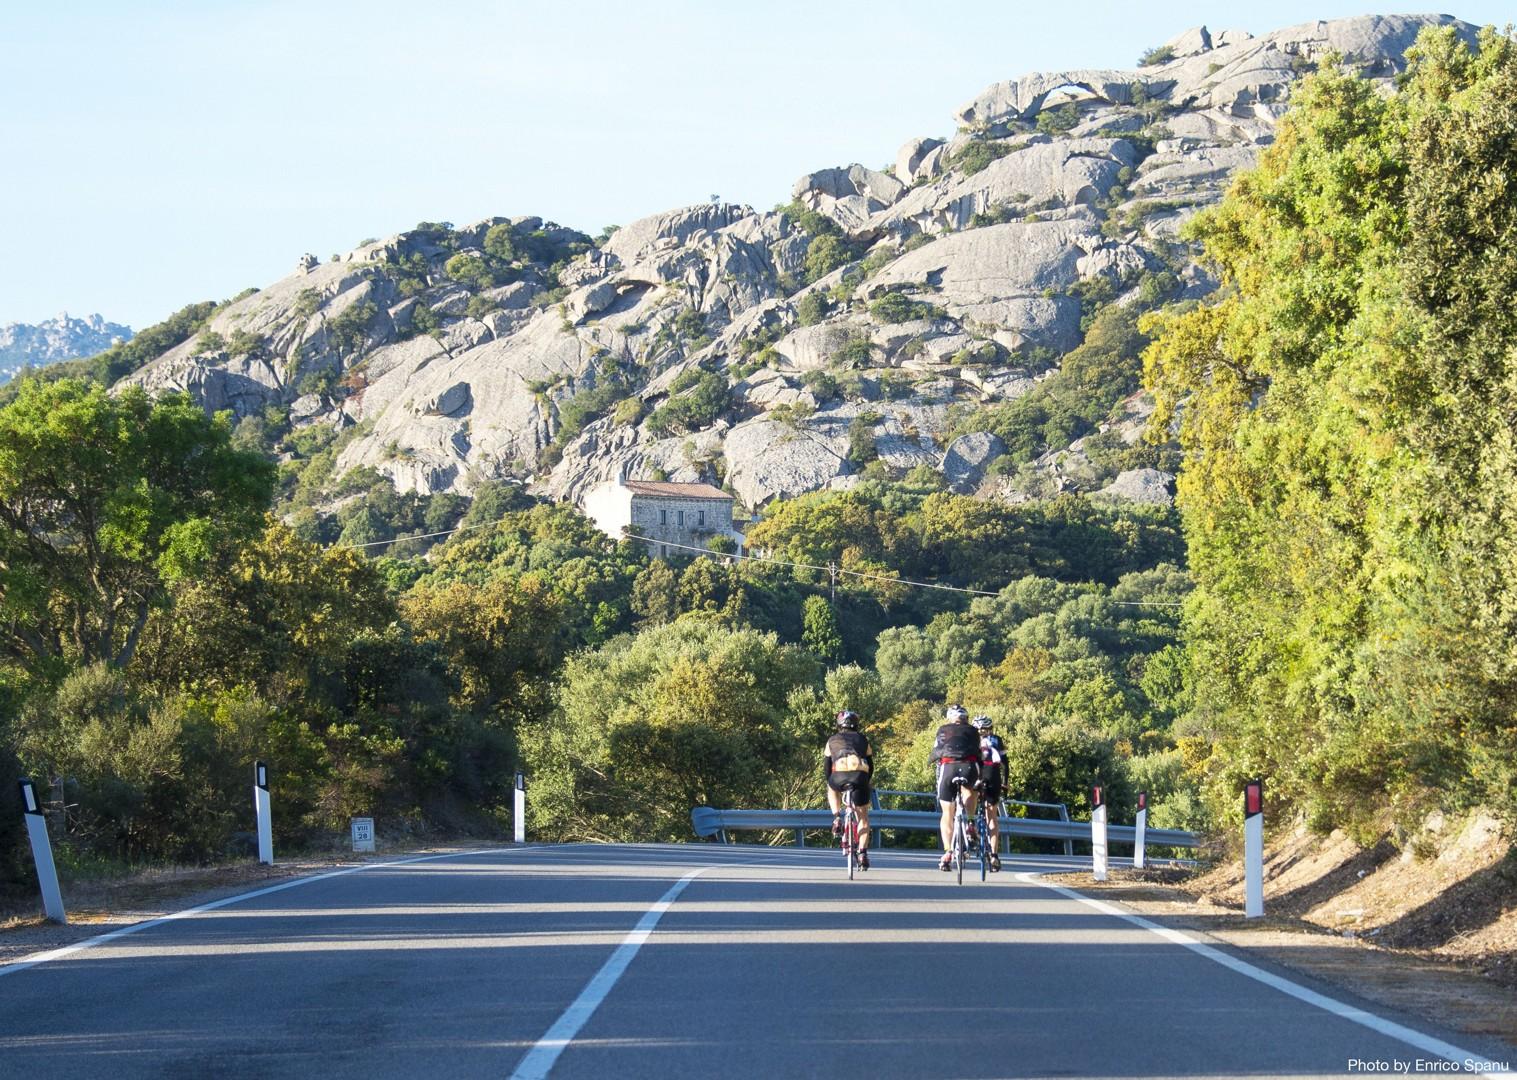 Road-Cycling-Holiday-Coastal-Explorer-Sardinia-Italy-Mt-Ferru.jpg - Italy - Sardinia - Coastal Explorer - Road Cycling